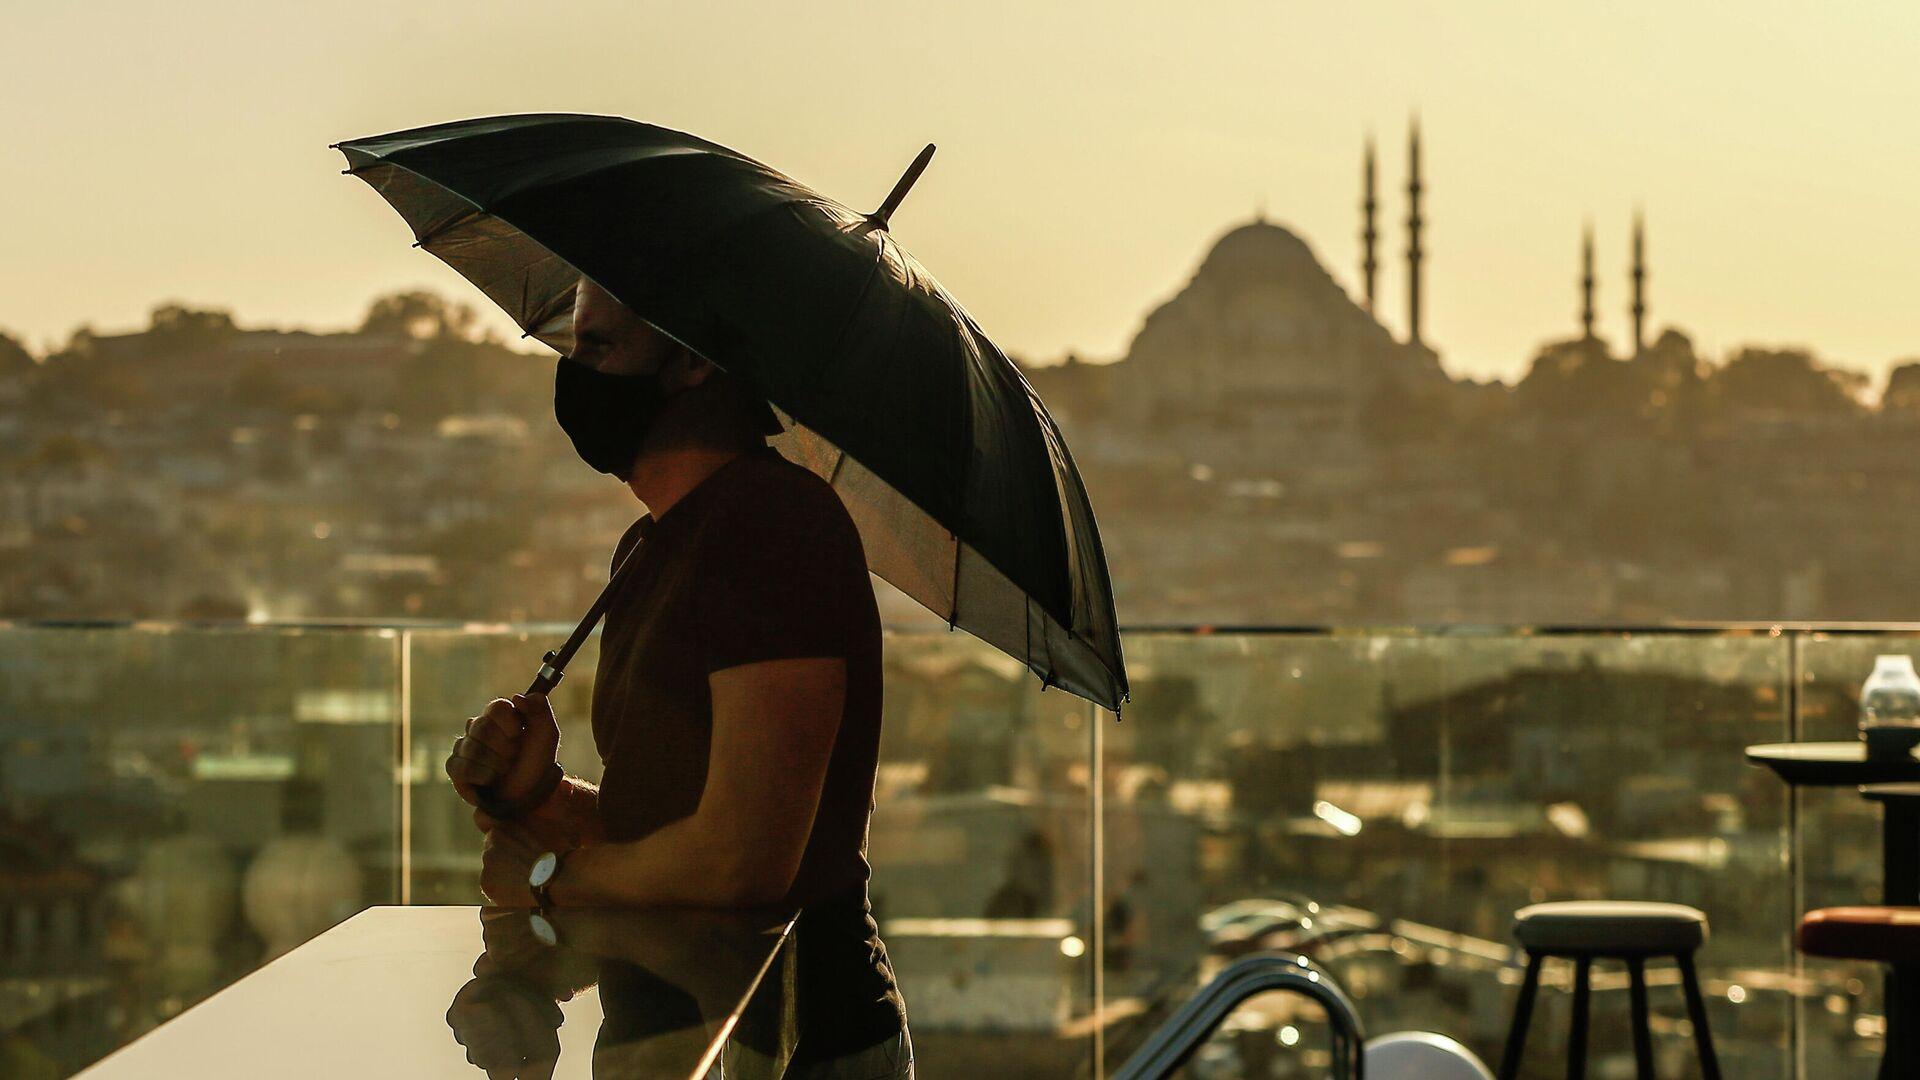 Турист в защитной маске в Стамбуле  - РИА Новости, 1920, 01.01.2021